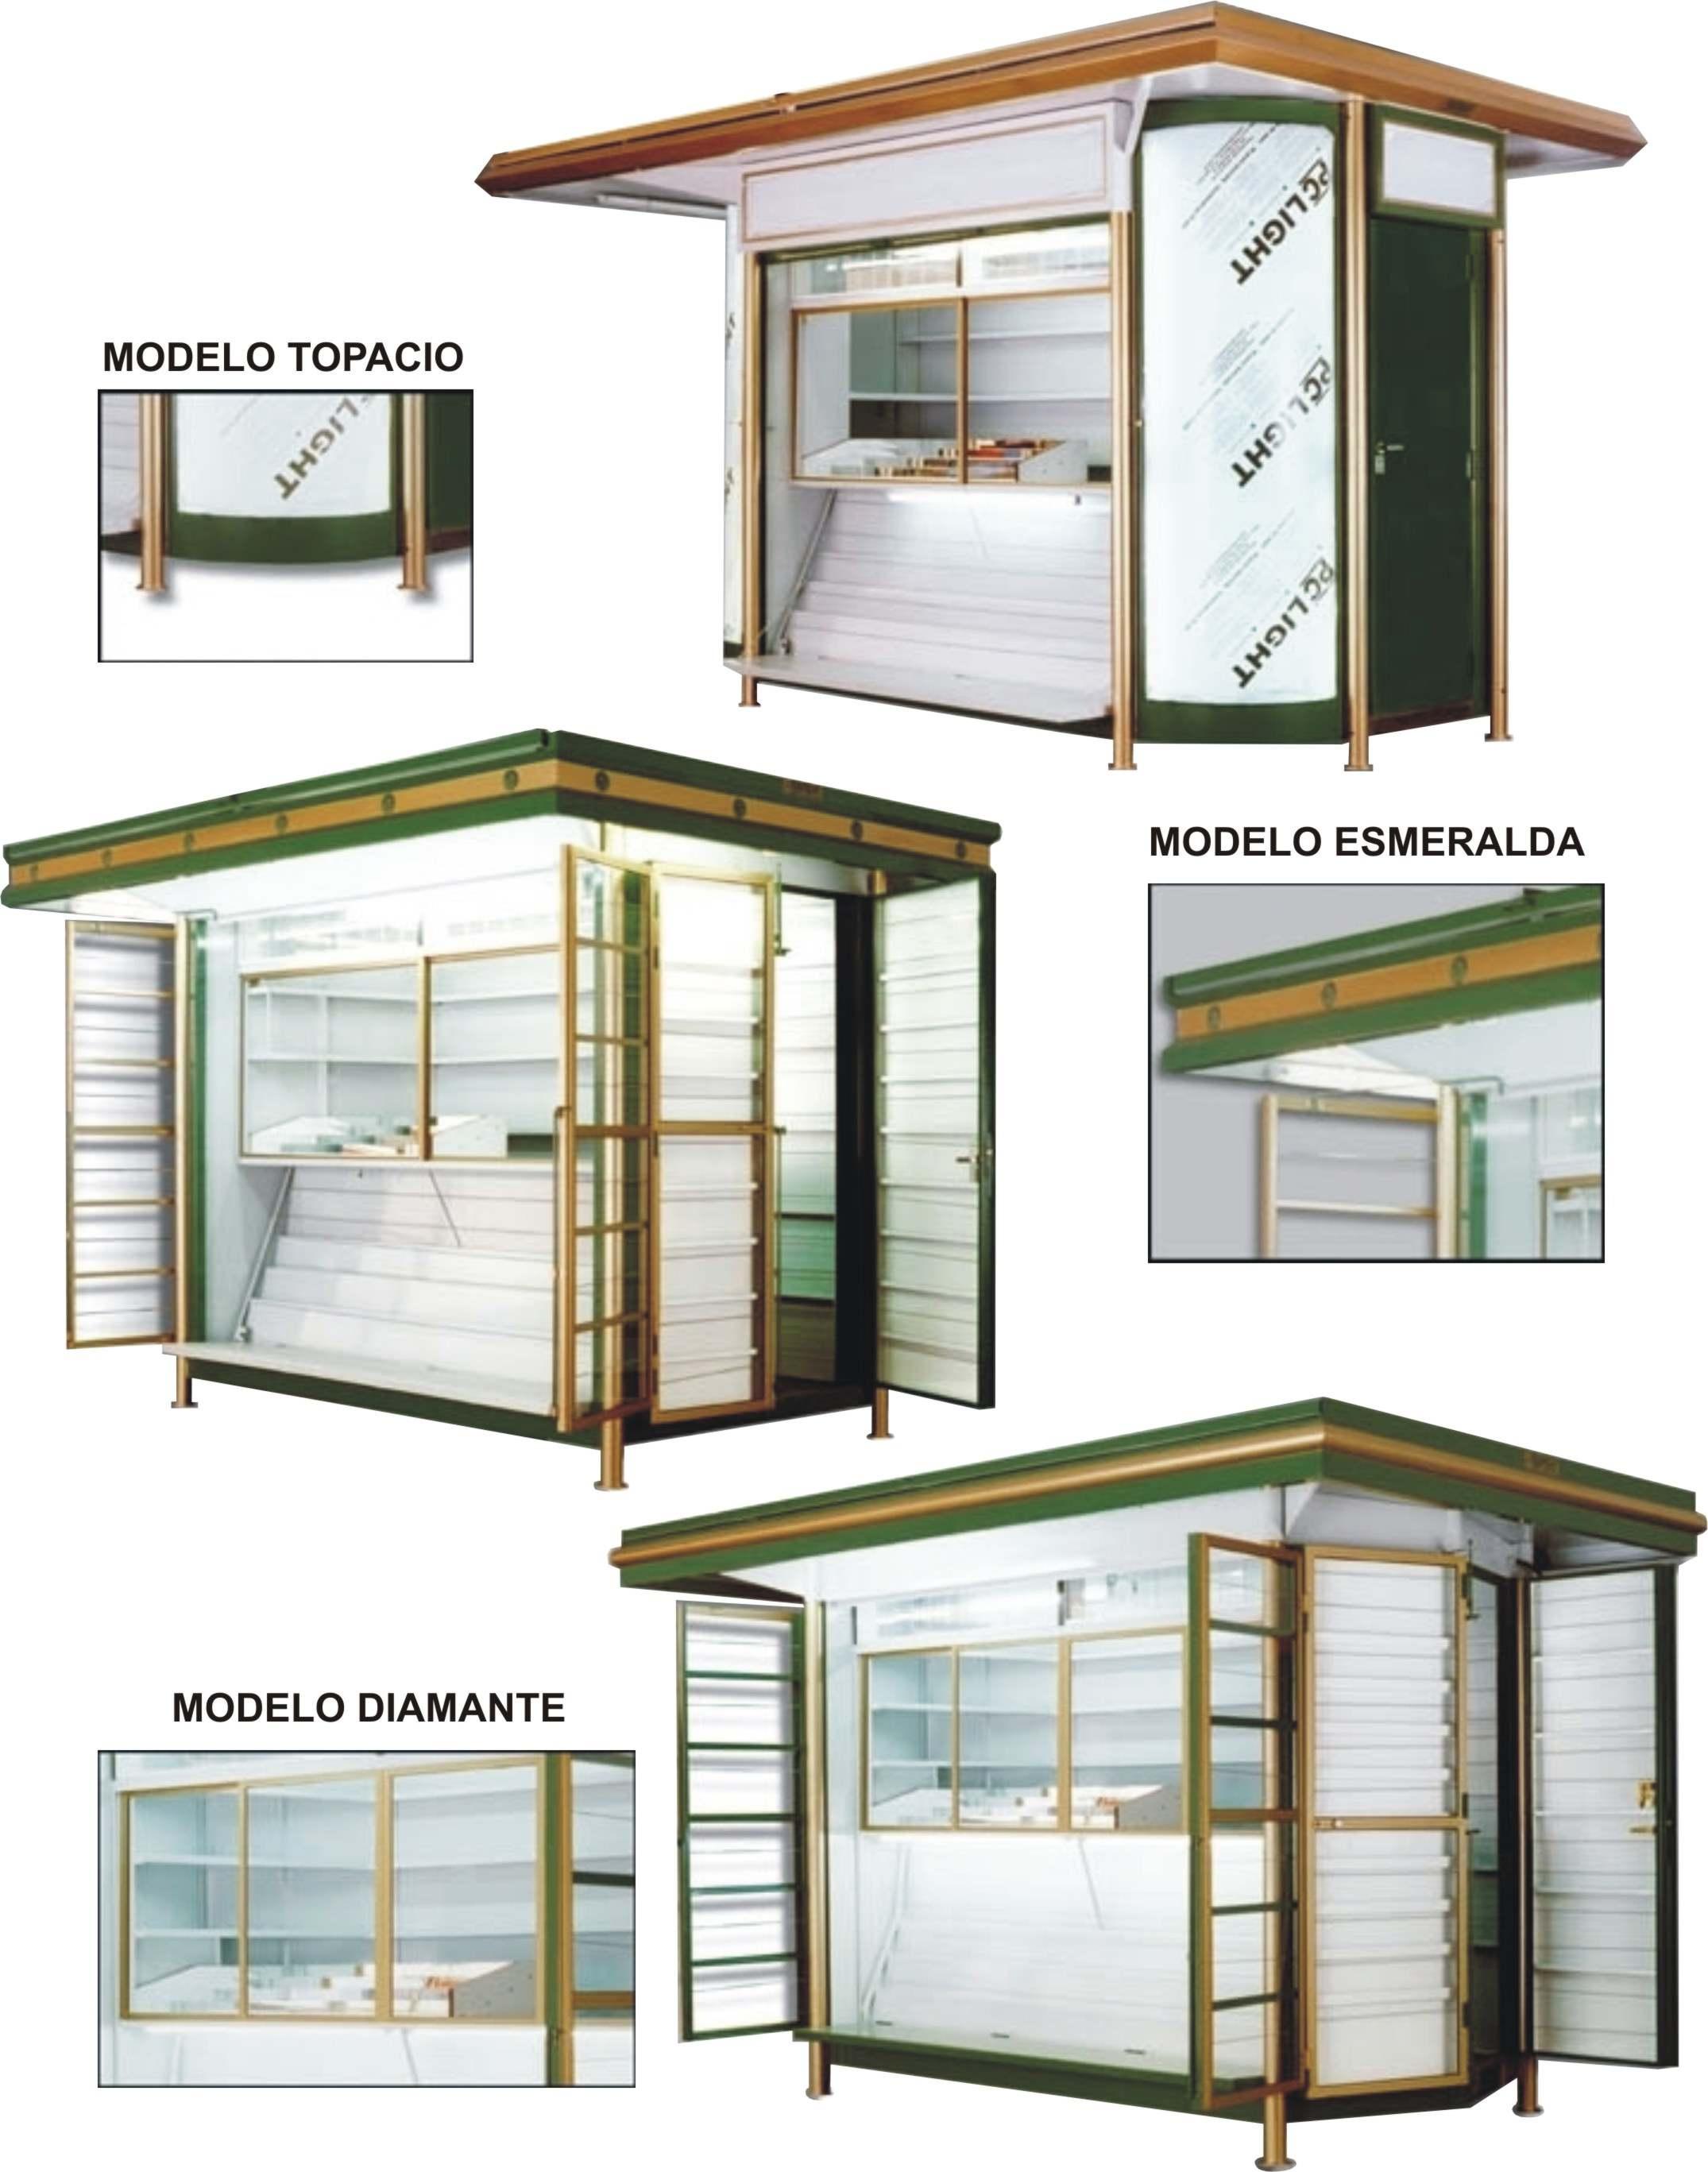 Kioscos manolo for Diseno de kioscos en madera